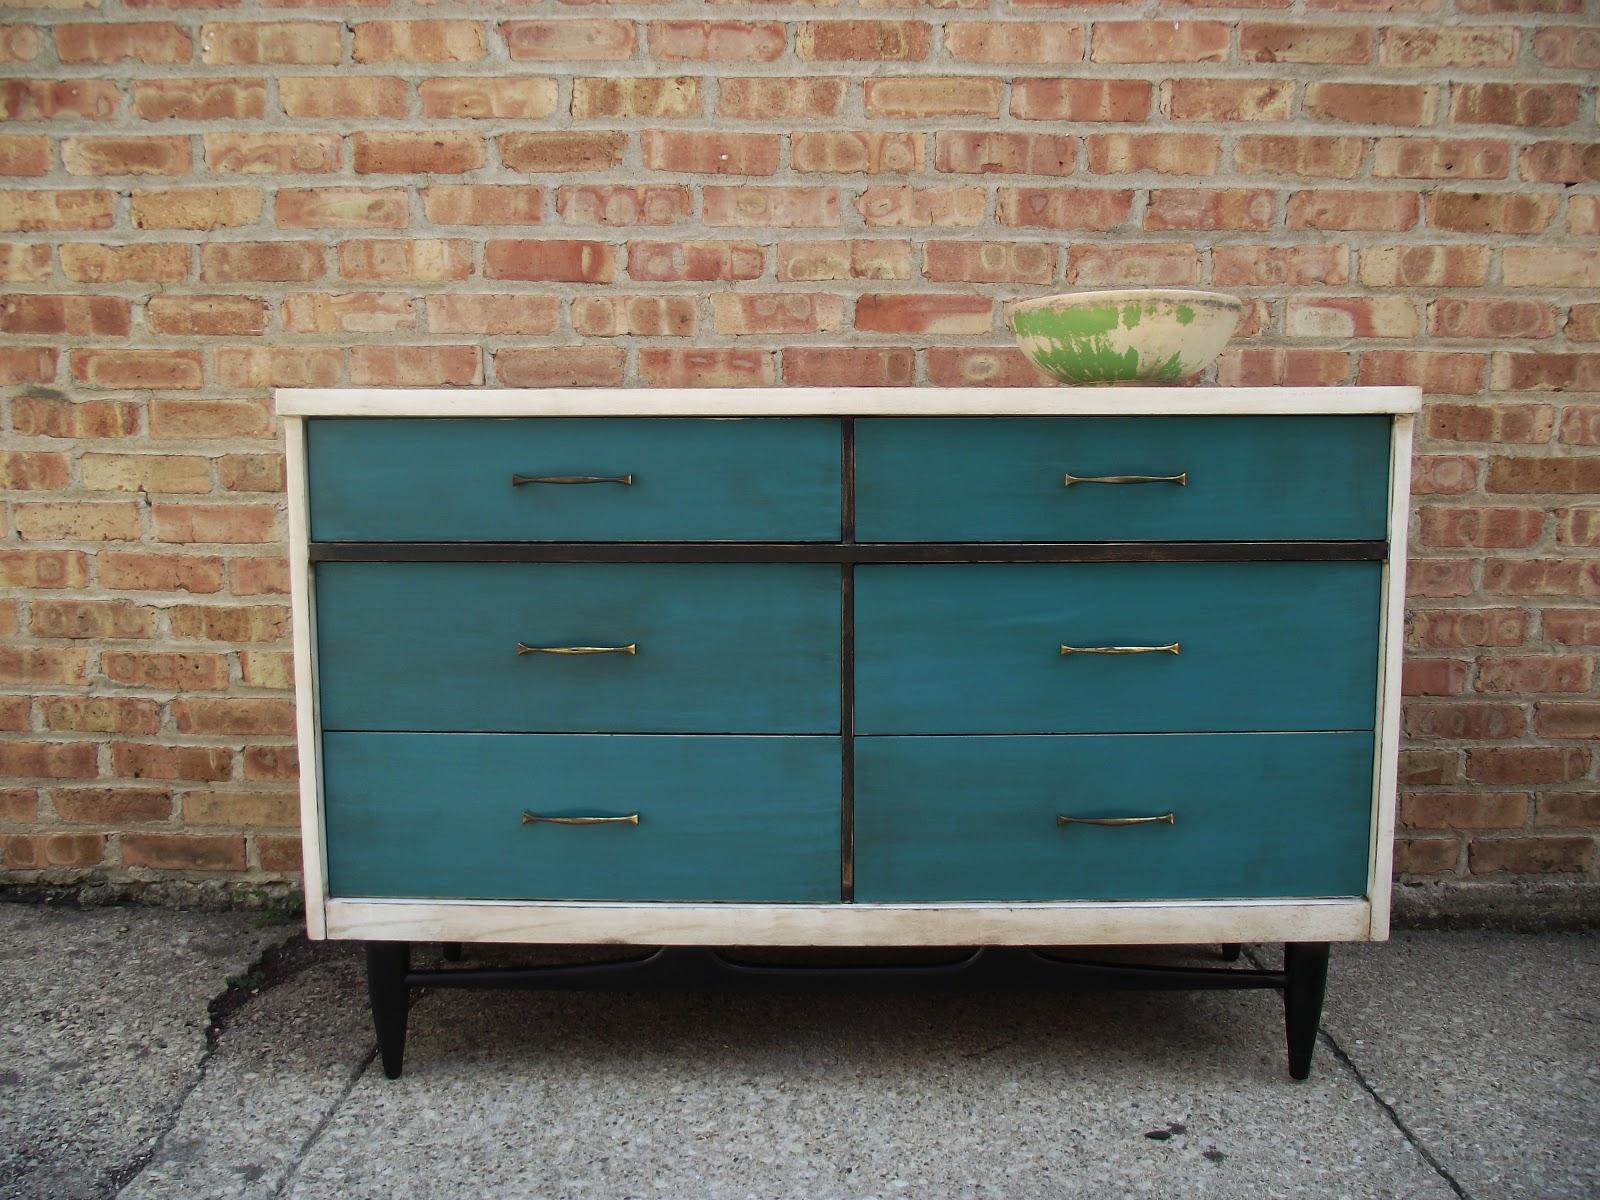 Vintage Ground Teal Distressed Vintage Dresser Buffet